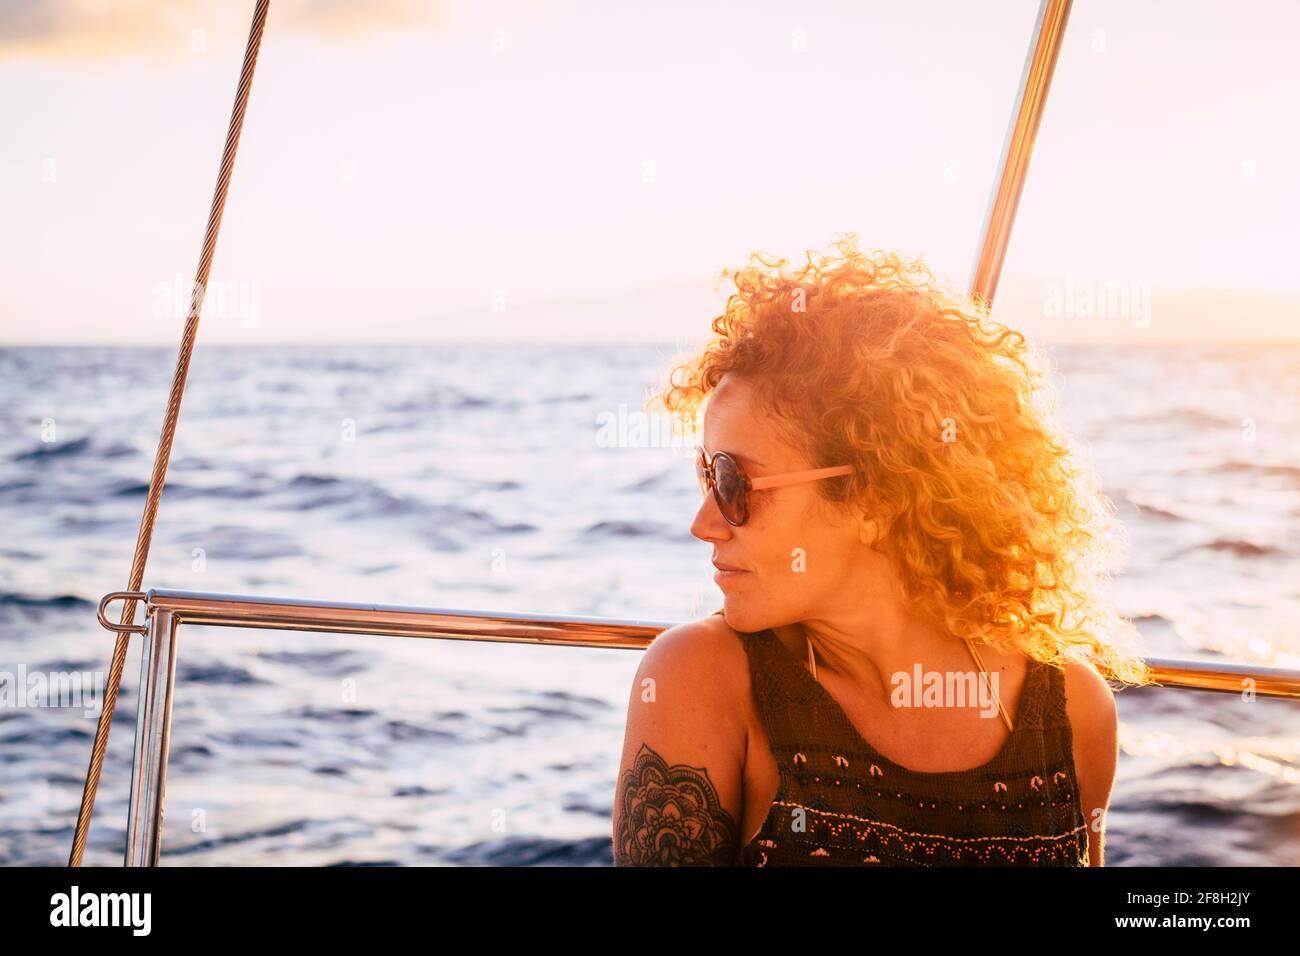 Belle femme profiter du coucher de soleil assis sur le yacht à l'intérieur voyage en mer - portrait des femmes heureux extérieur avec coucher de soleil et océan Banque D'Images